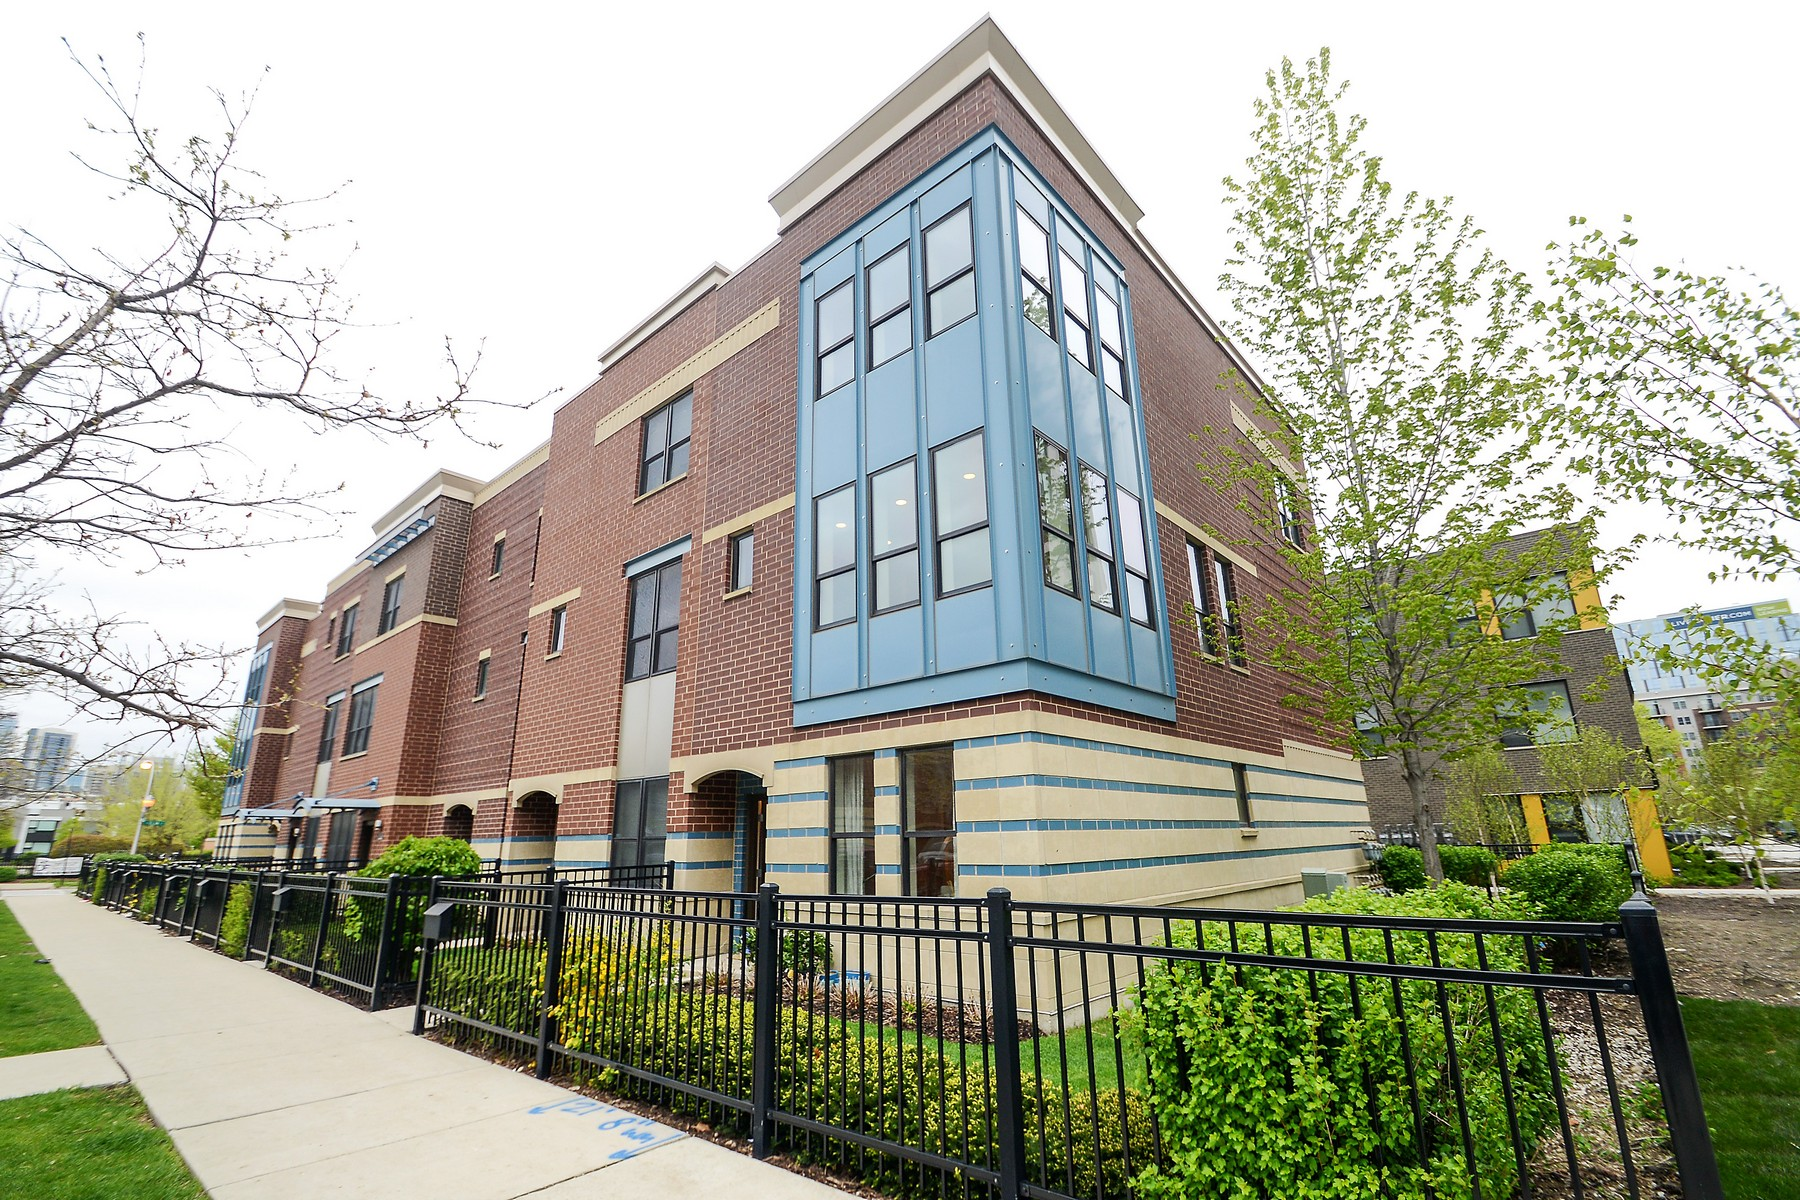 단독 가정 주택 용 매매 에 Spectacular, Sun-drenched Old Town Townhouse 1154 N Hudson Avenue Near North Side, Chicago, 일리노이즈, 60610 미국